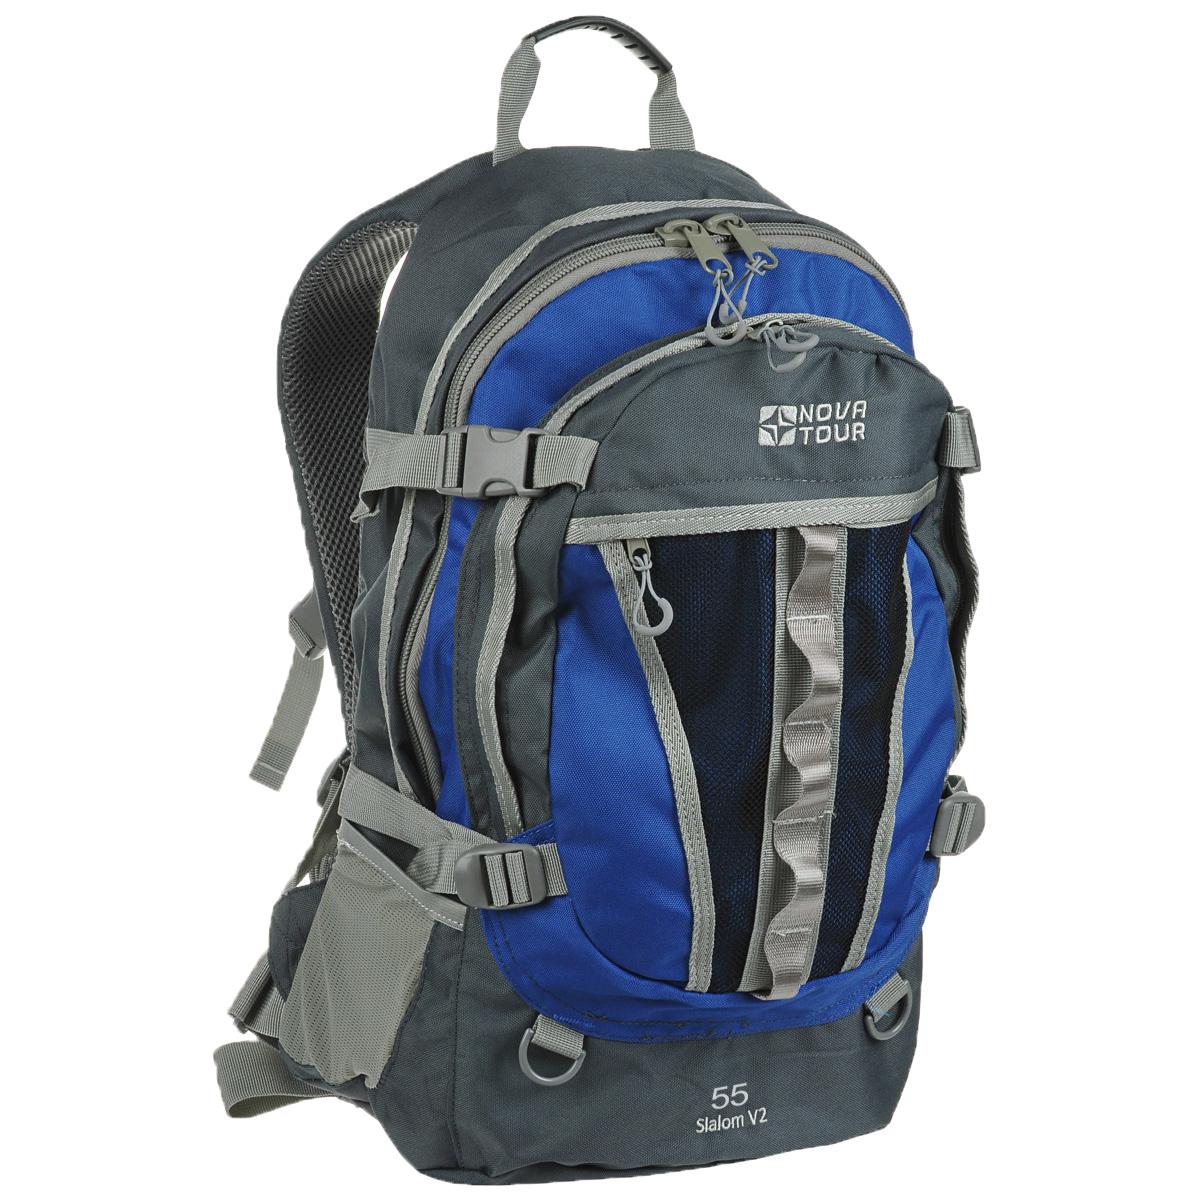 Рюкзак городской Nova Tour Слалом 55 V2, цвет: серый, синий. 95138-458-0095138-458-00Если все, что нужно ежедневно носить с собой, не помещается в обычный рюкзак, то Слалом 55 V2 специально для вас. Два вместительных отделения можно уменьшить боковыми стяжками или наоборот, если что-то не поместилось внутри, навесить снаружи на узлы крепления. Для удобства переноски тяжелого груза, на спинке предусмотрена удобная система подушек Air Mesh с полностью отстегивающимся поясным ремнем.Особенности:Прочная ткань с непромокаемой пропиткой.Сетчатый материал, отводящий влагу от вашего тела. Применяется на лямках, спинках и поясе рюкзака.Грудная стяжка для правильной фиксации лямок рюкзака и предотвращения их соскальзывания.Органайзер позволяет рационально разместить мелкие вещи внутри рюкзака.Объем: 55 л.